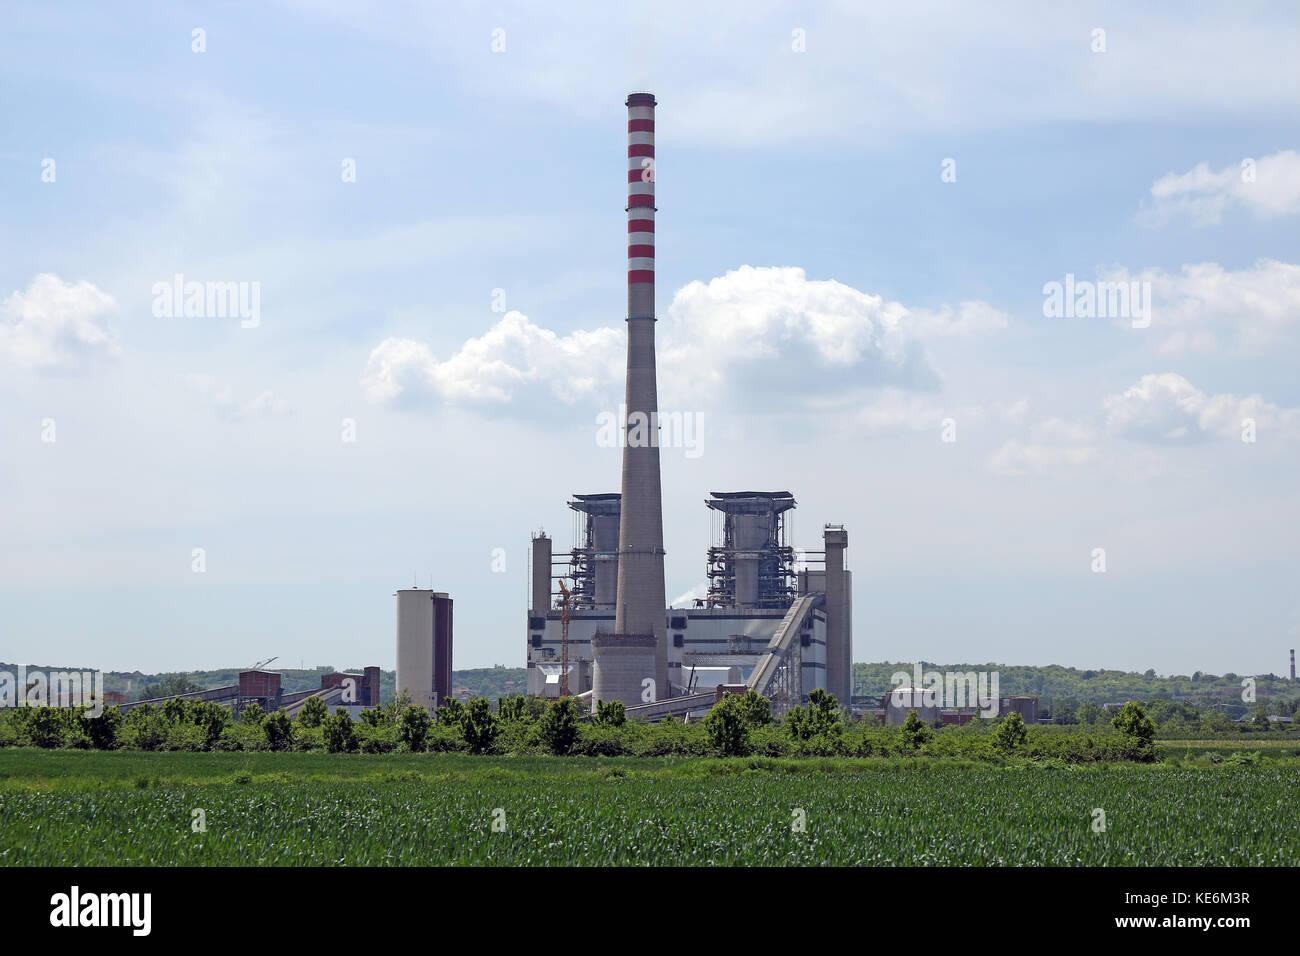 La puissance thermique d'industrie de l'énergie et Photo Stock